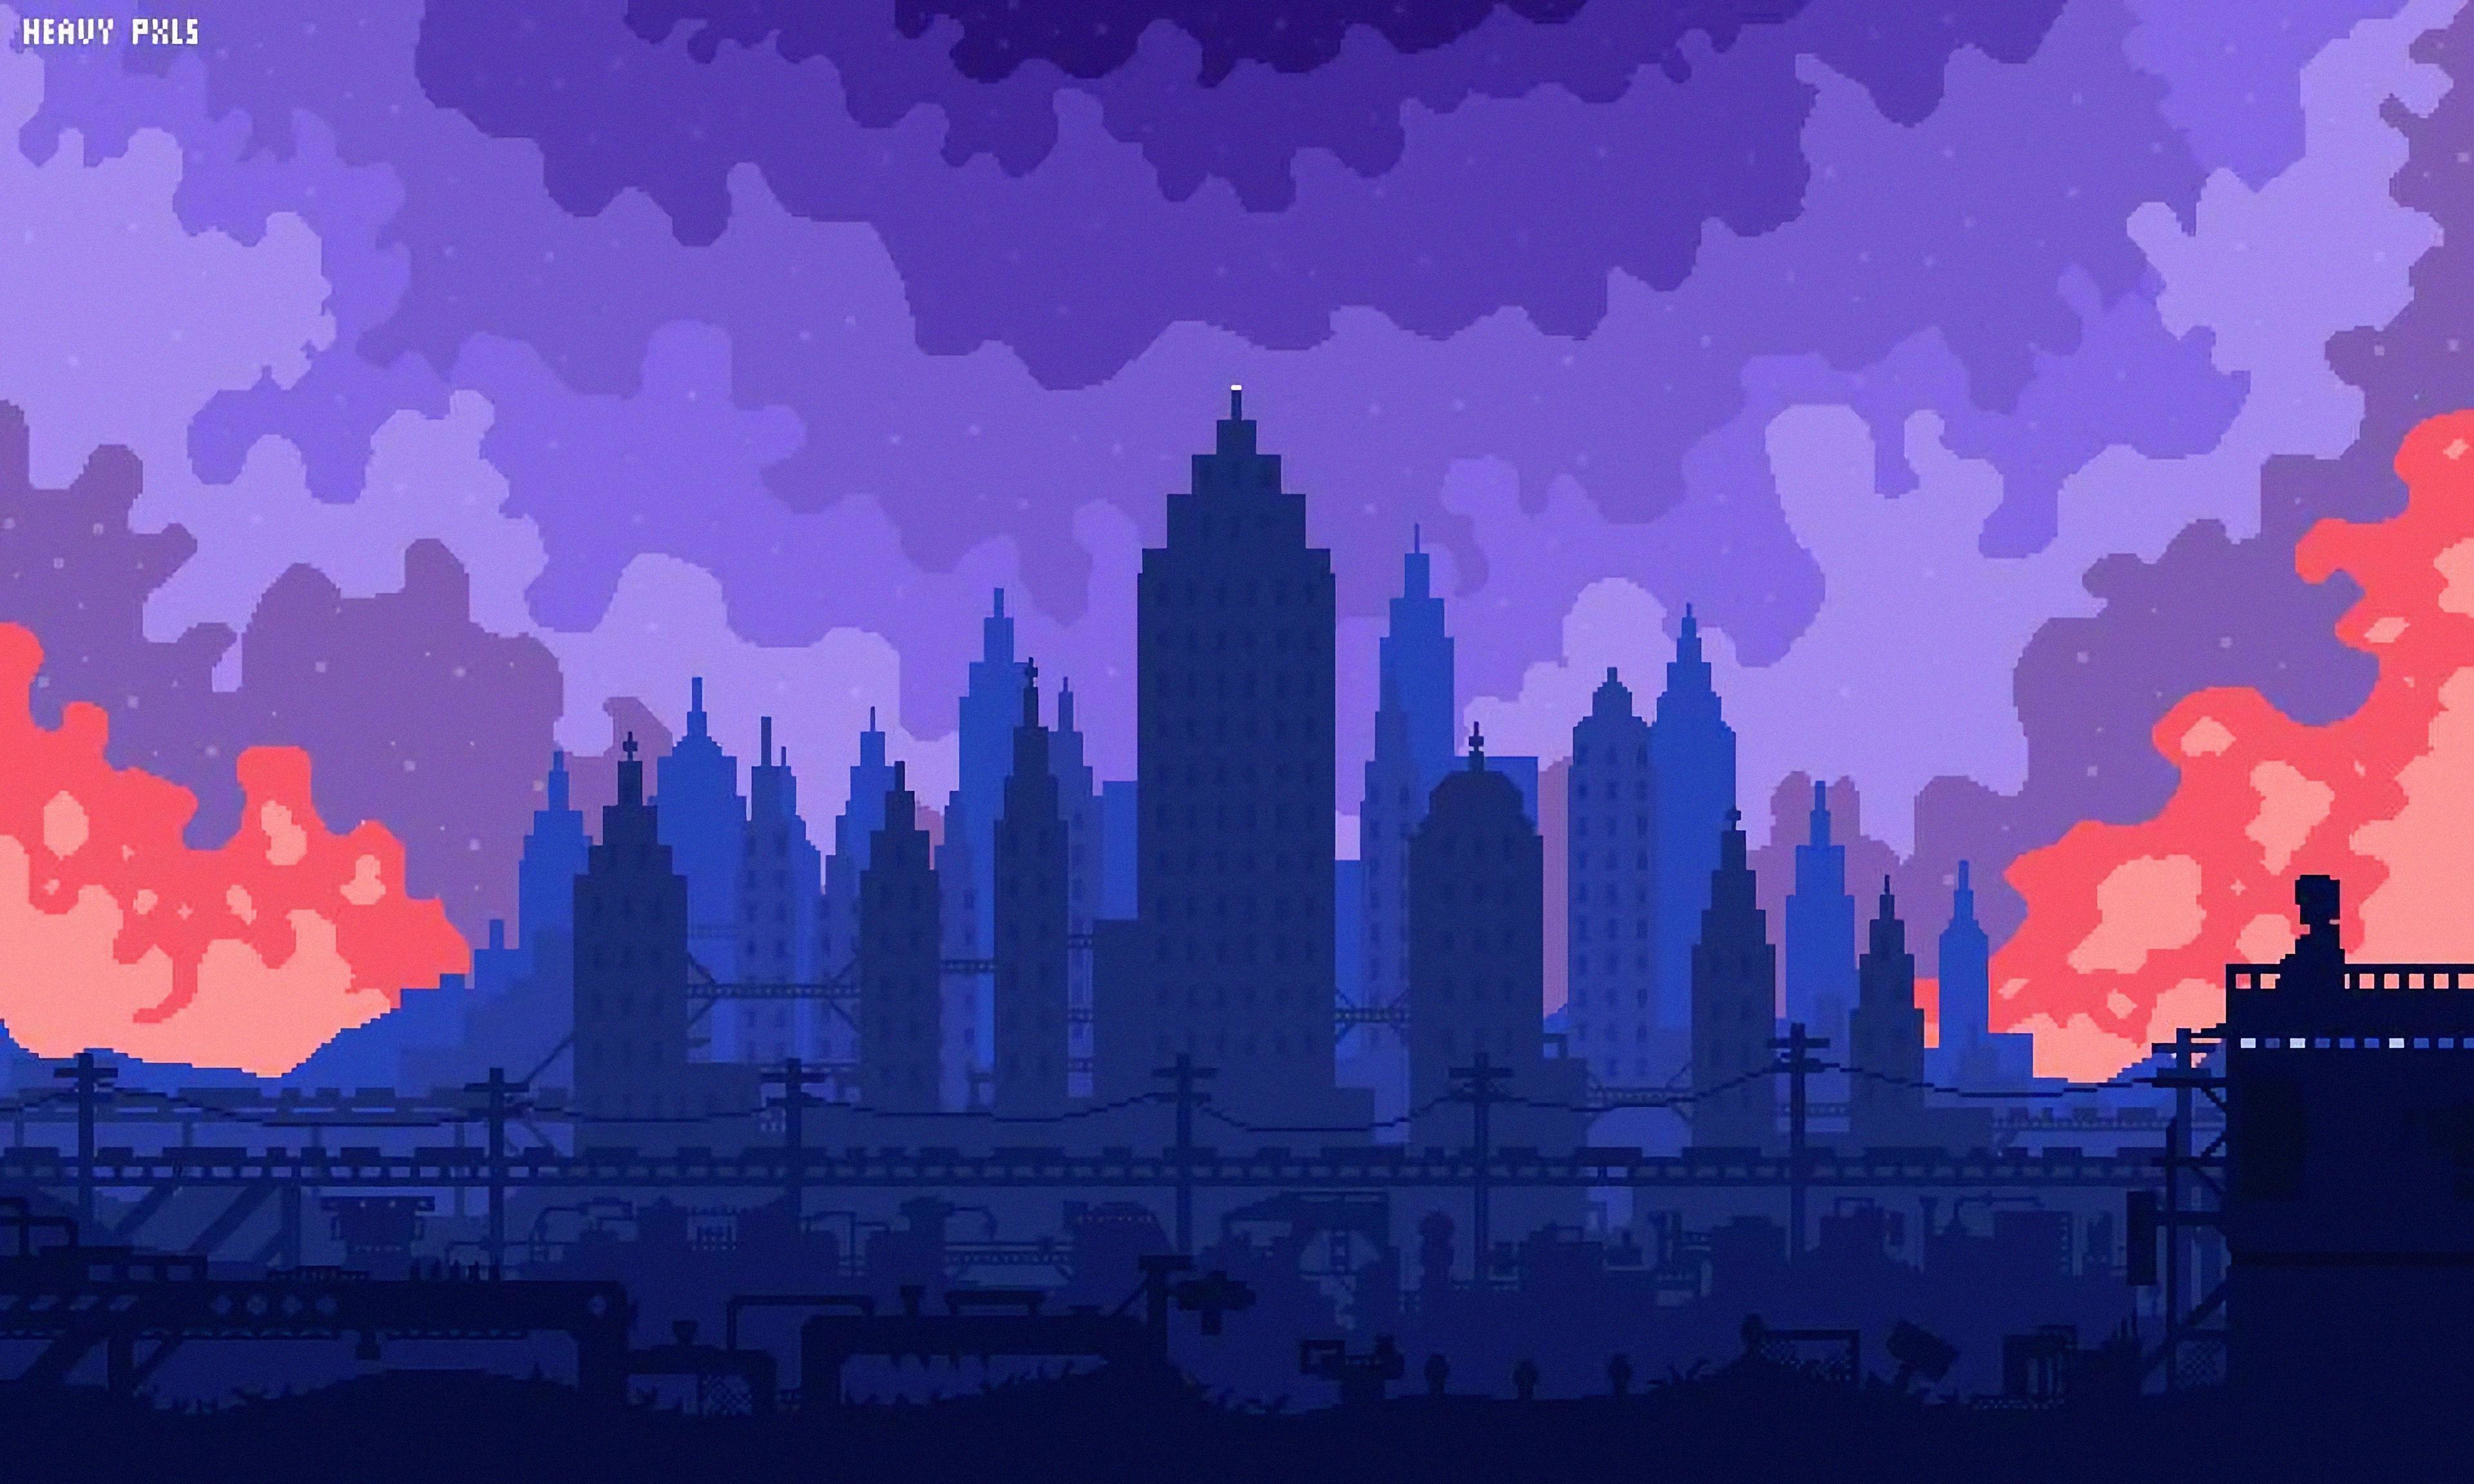 High Skies Pixel Art 4k Hd Artist 4k Wallpapers Images